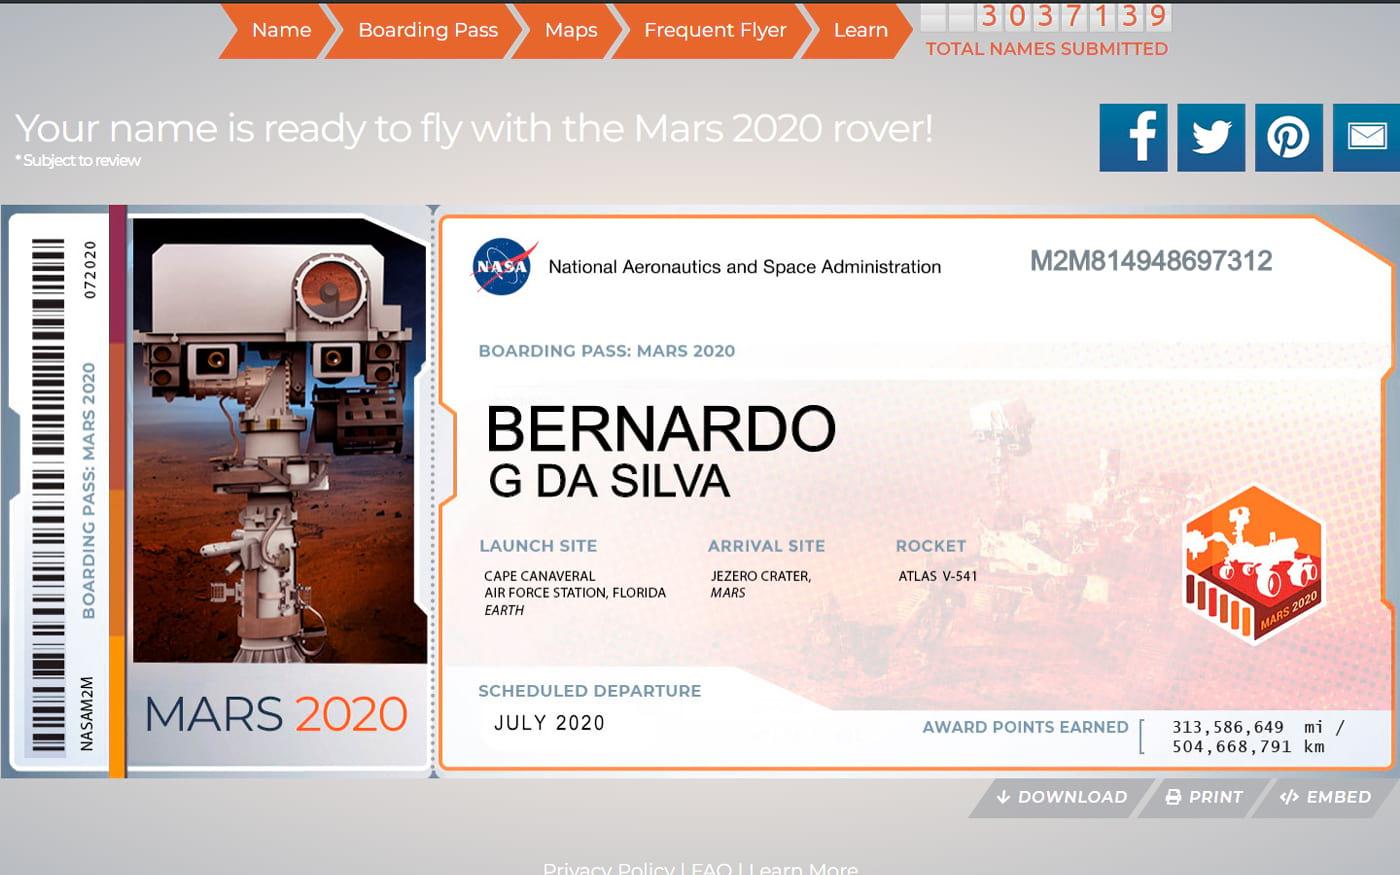 Quer saber como enviar seu nome para o espaço? Pergunte a NASA!